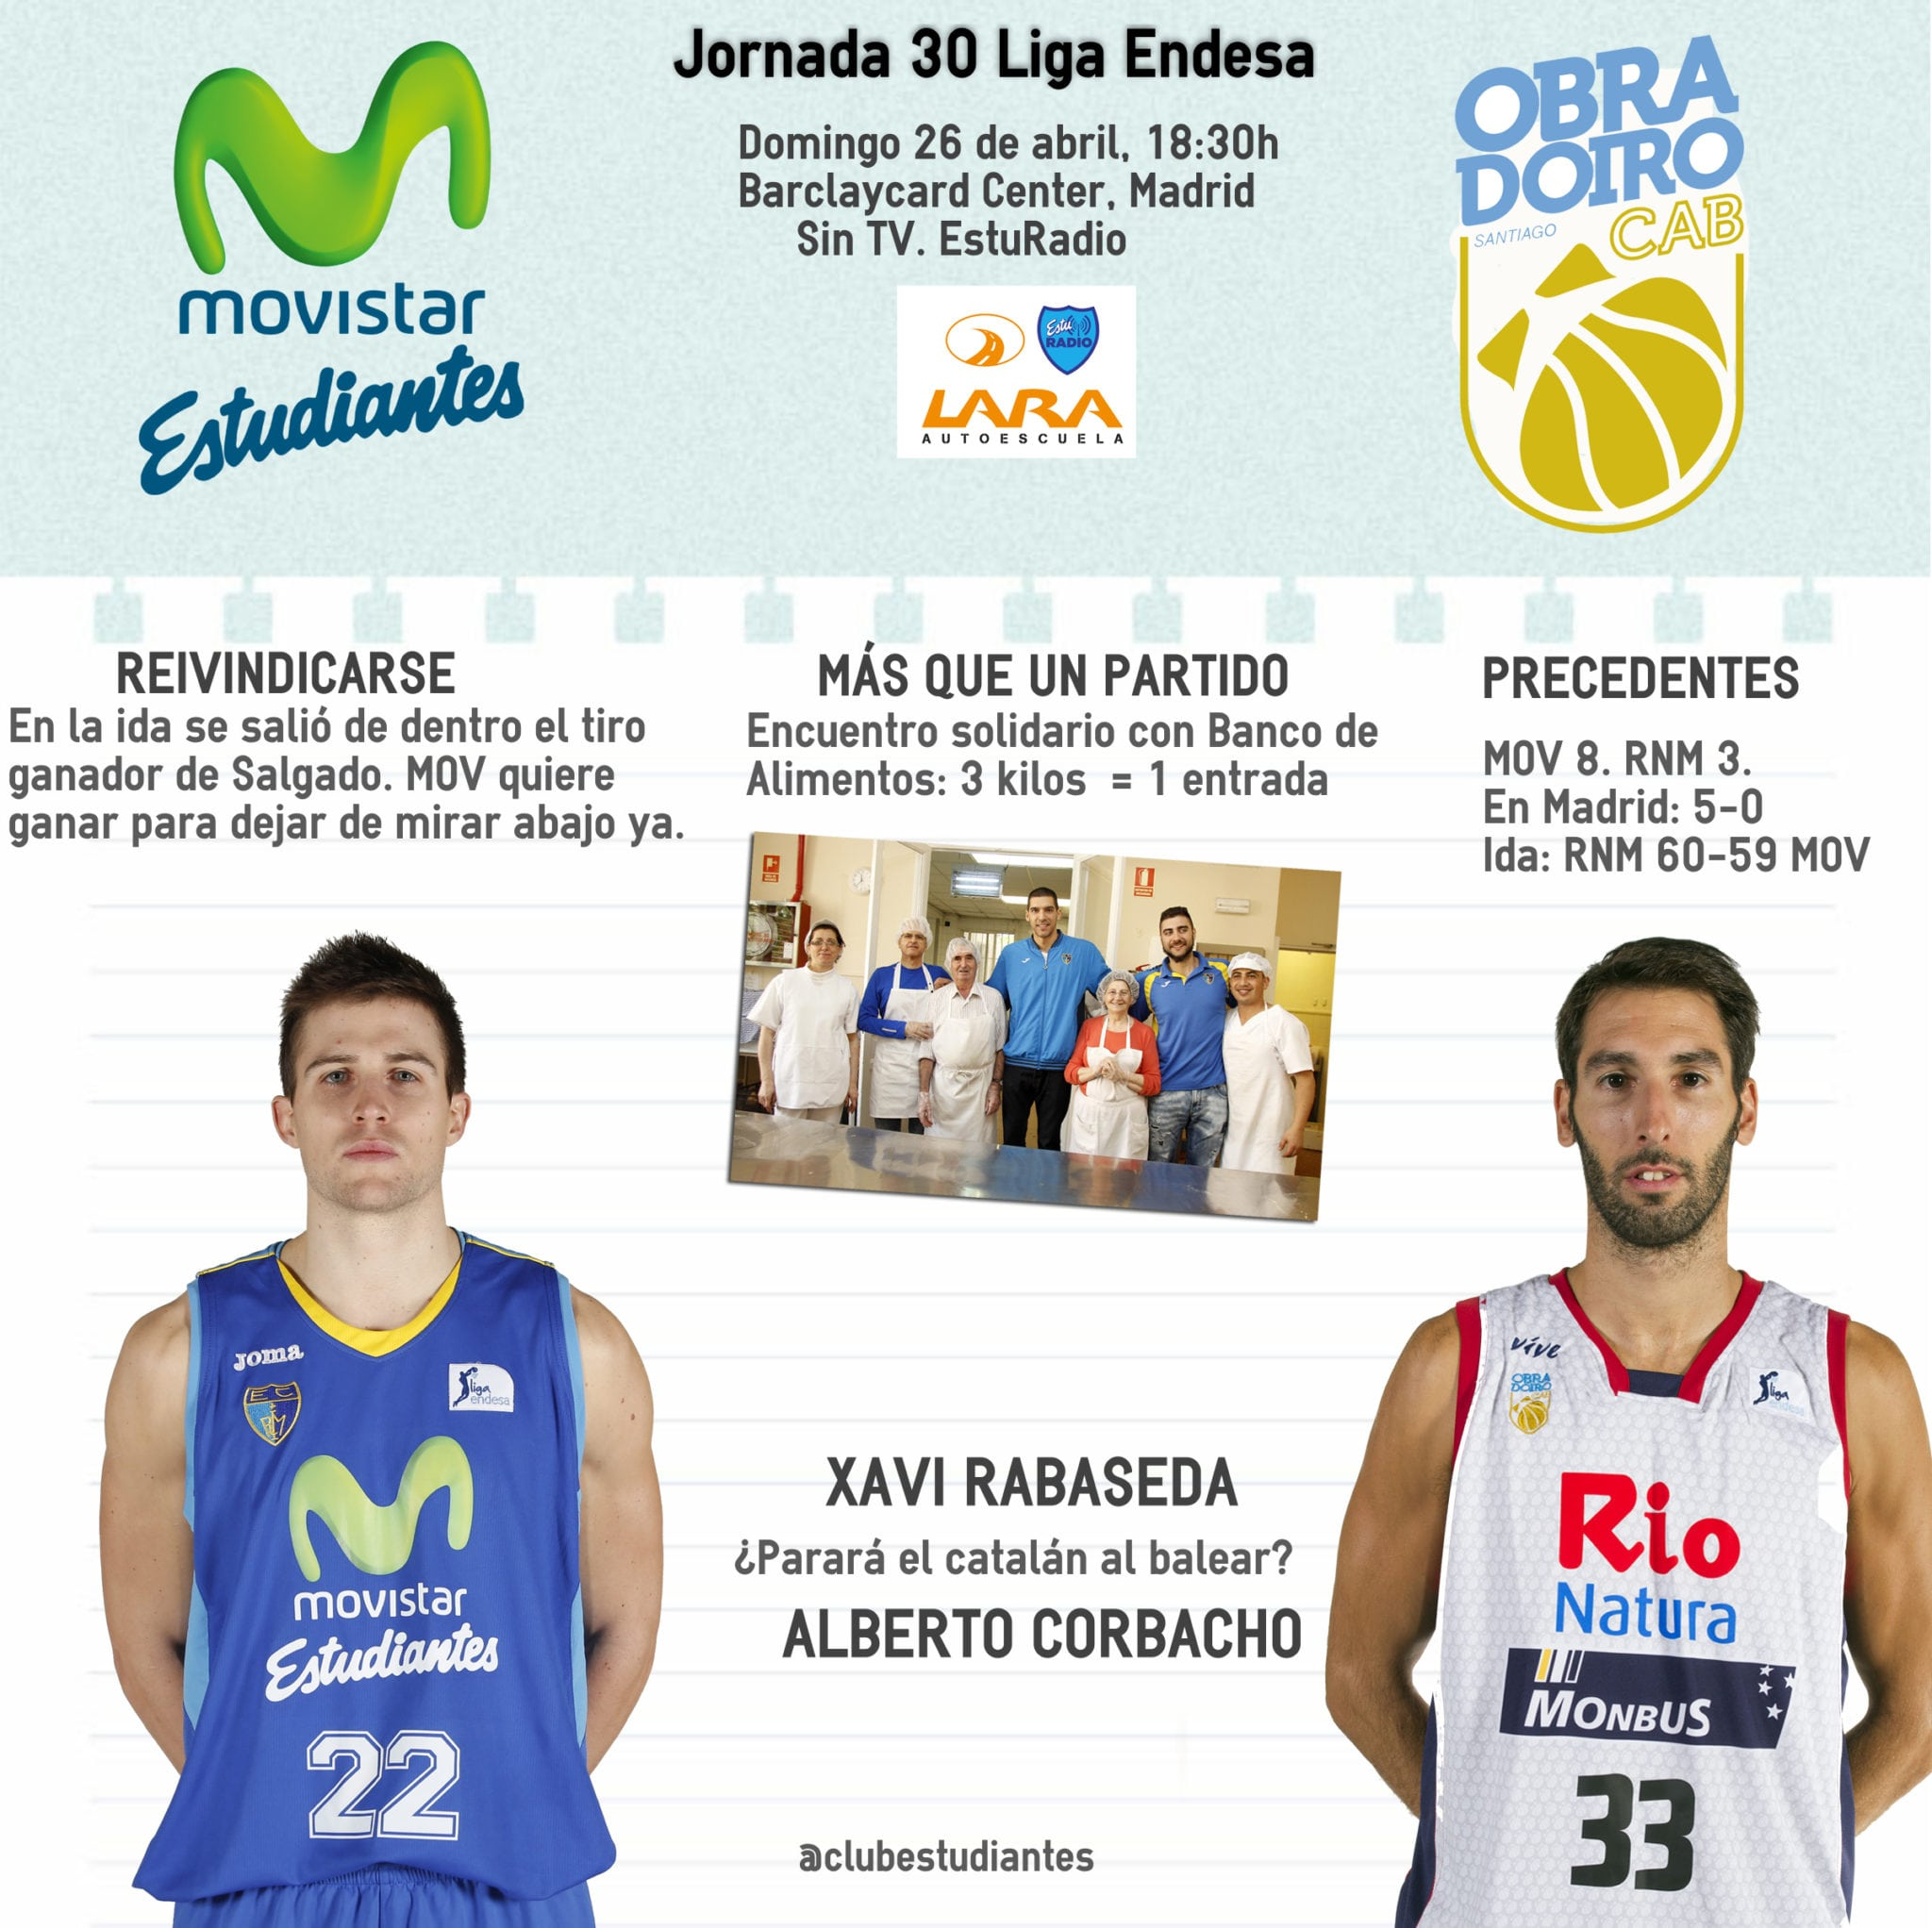 Movistar Estudiantes – Rio Natura Monbus: la solidaridad será con Banco de Alimentos, no con el rival  (domingo 18:30h. Sin TV)